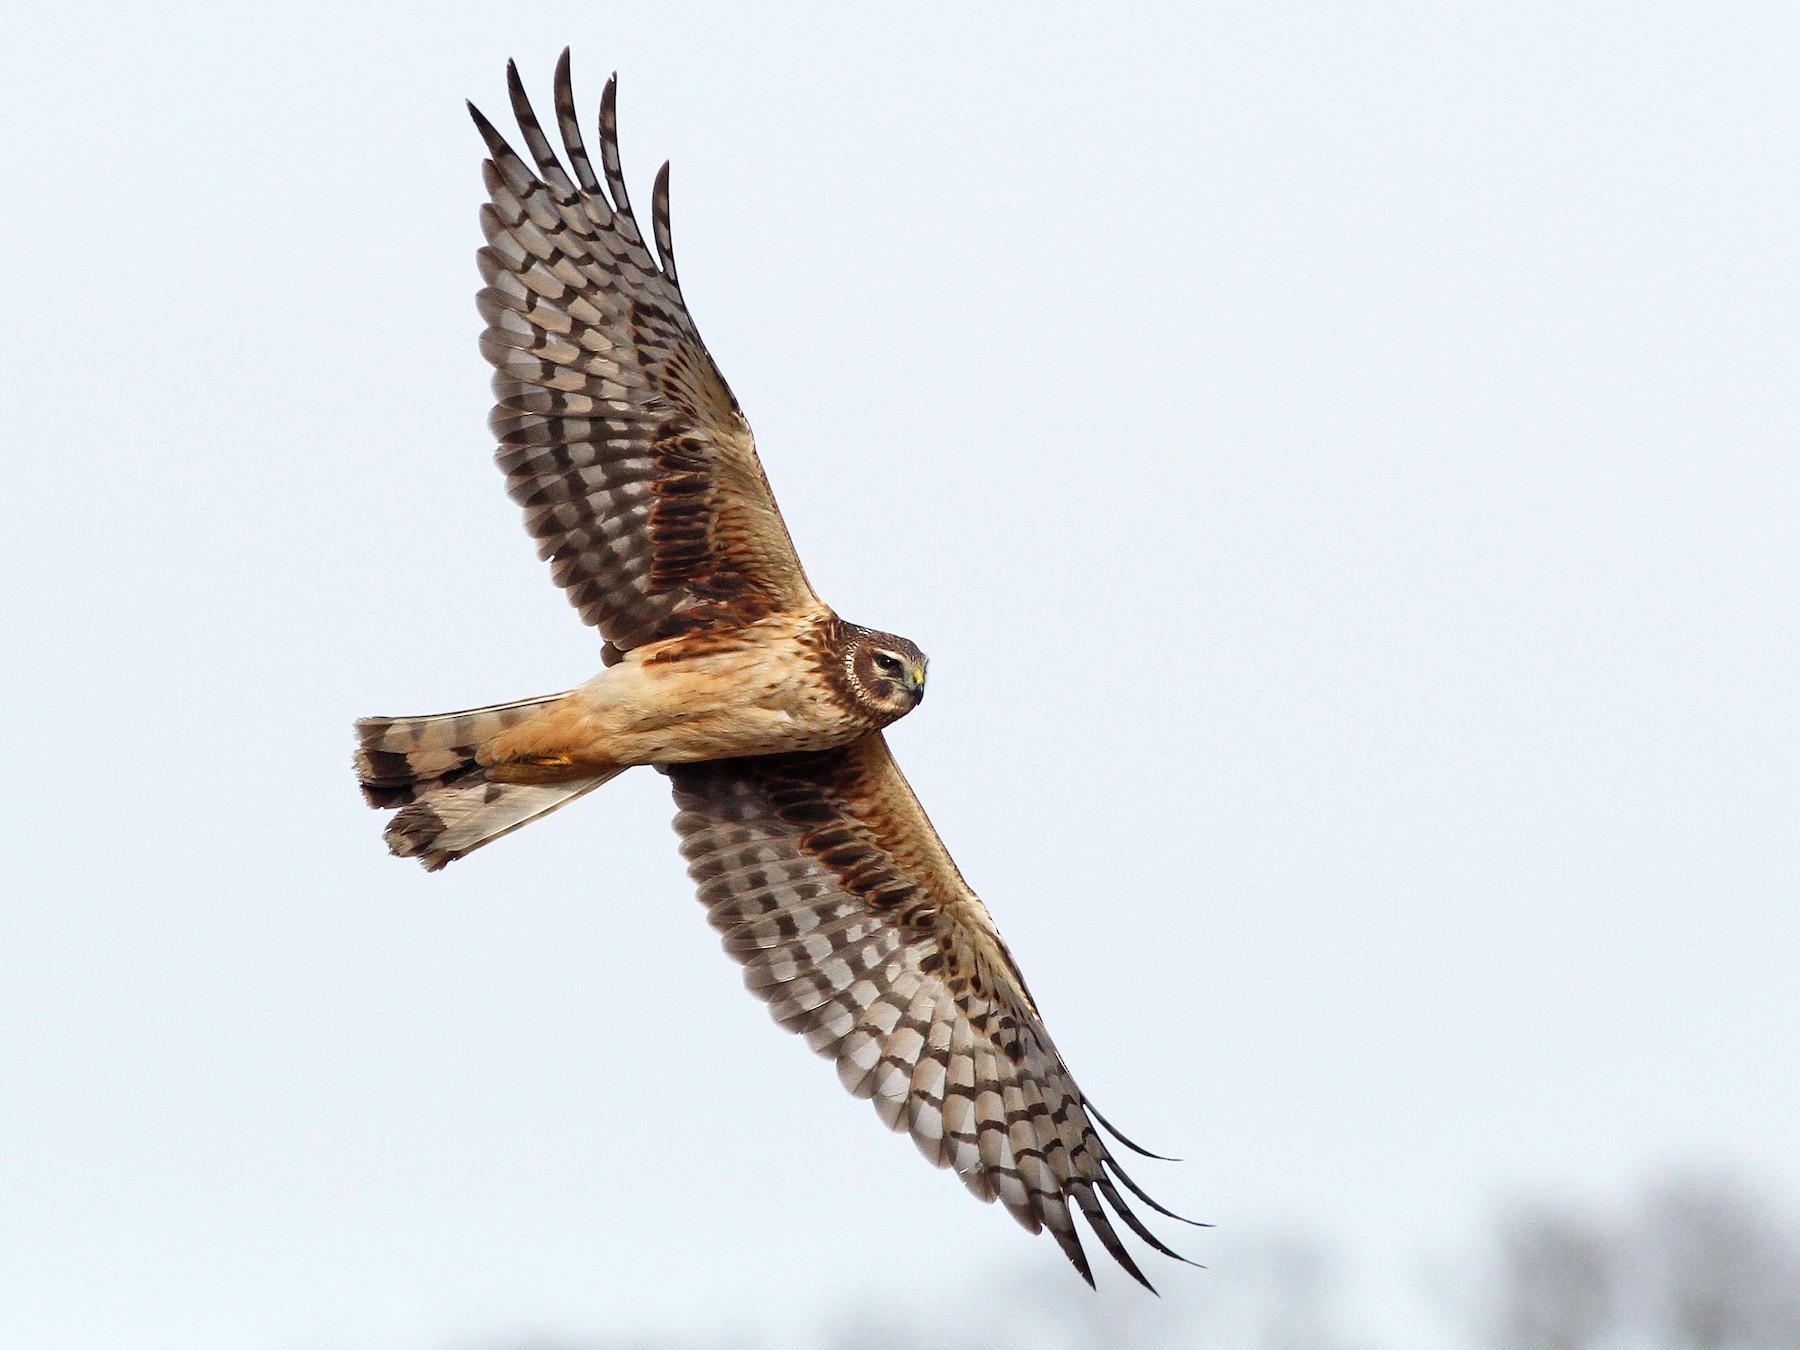 Northern Harrier - eBird